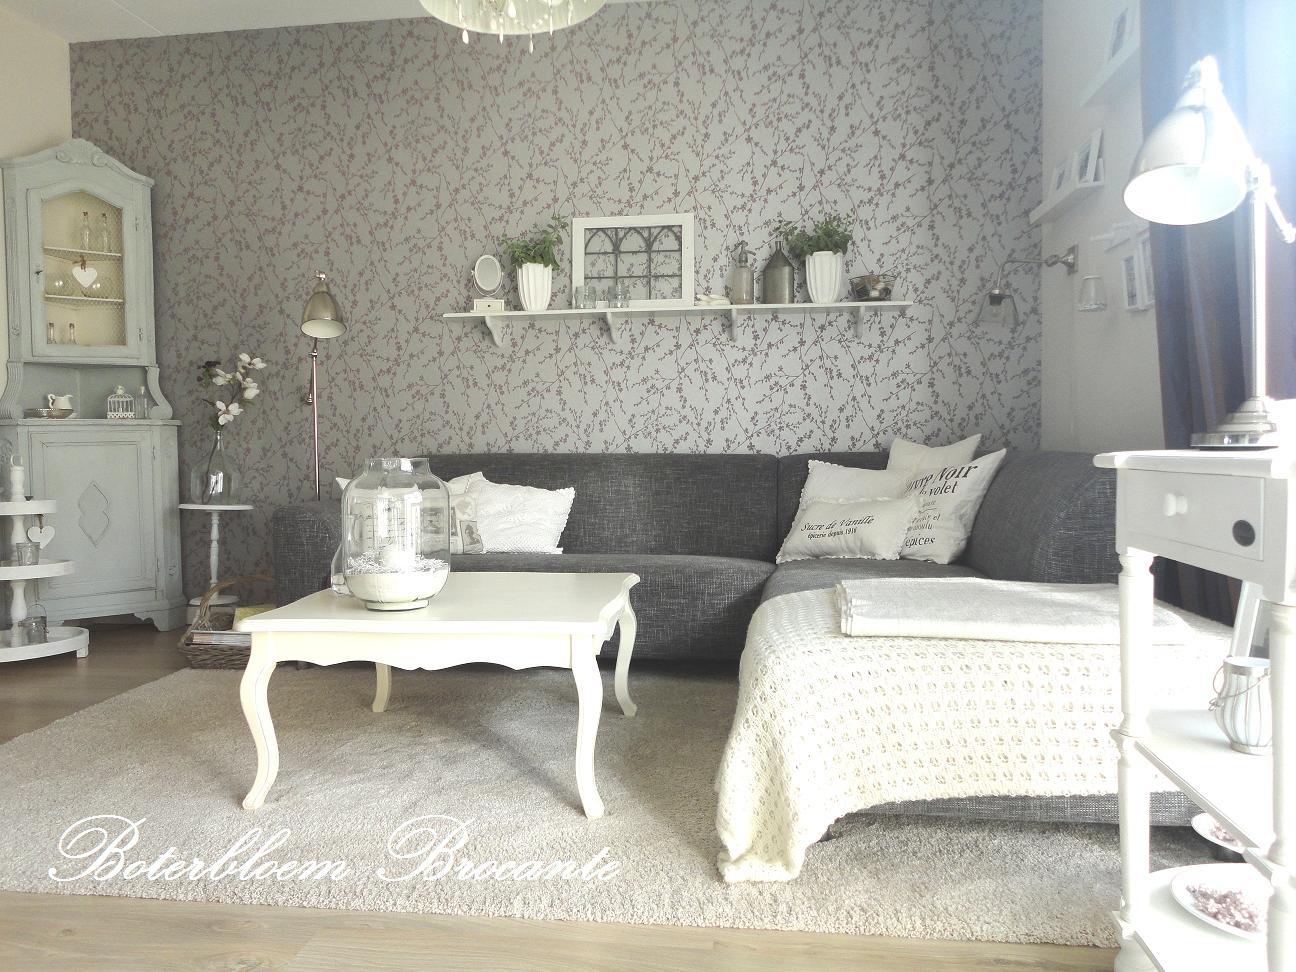 Woonkamer Behang Ideeen : Woonkamer behang behang inspiratie woonkamer decoratie ideeen